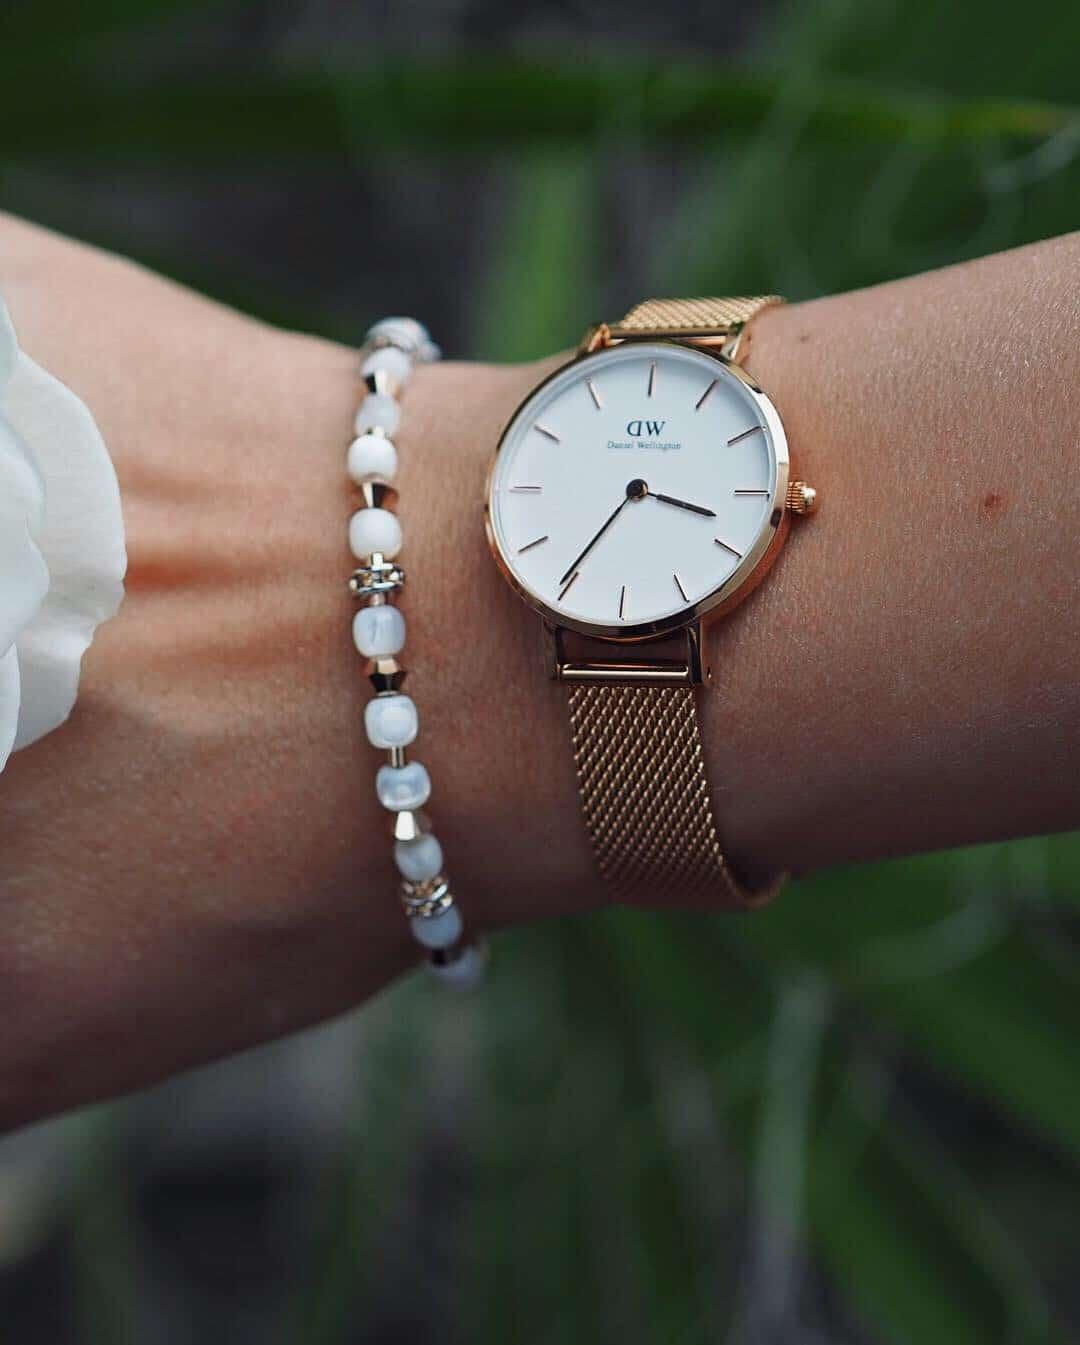 Ich trage besonders gerne im Alltag schöne Uhren von Daniel Wellington. Gefunden habe ich eine große Auswahl an Uhren und Schmuck bei Valmano im Onlineshop.